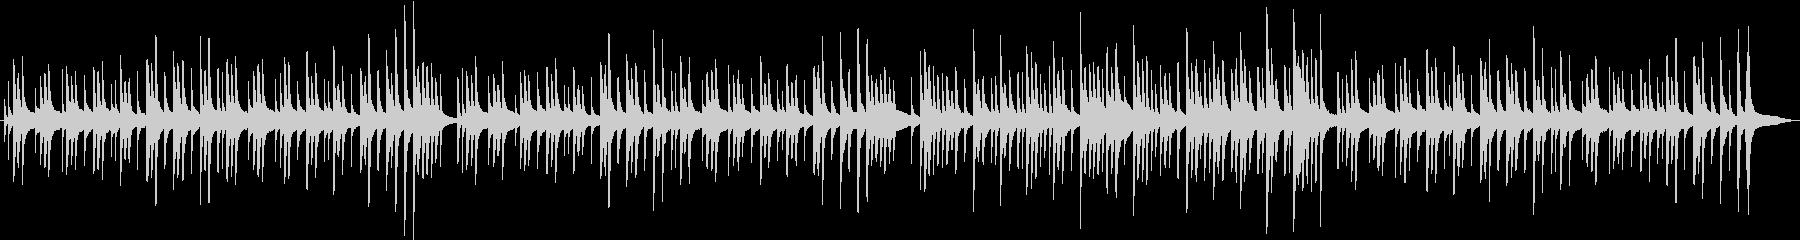 グロッケンのみのオルゴール風BGMの未再生の波形